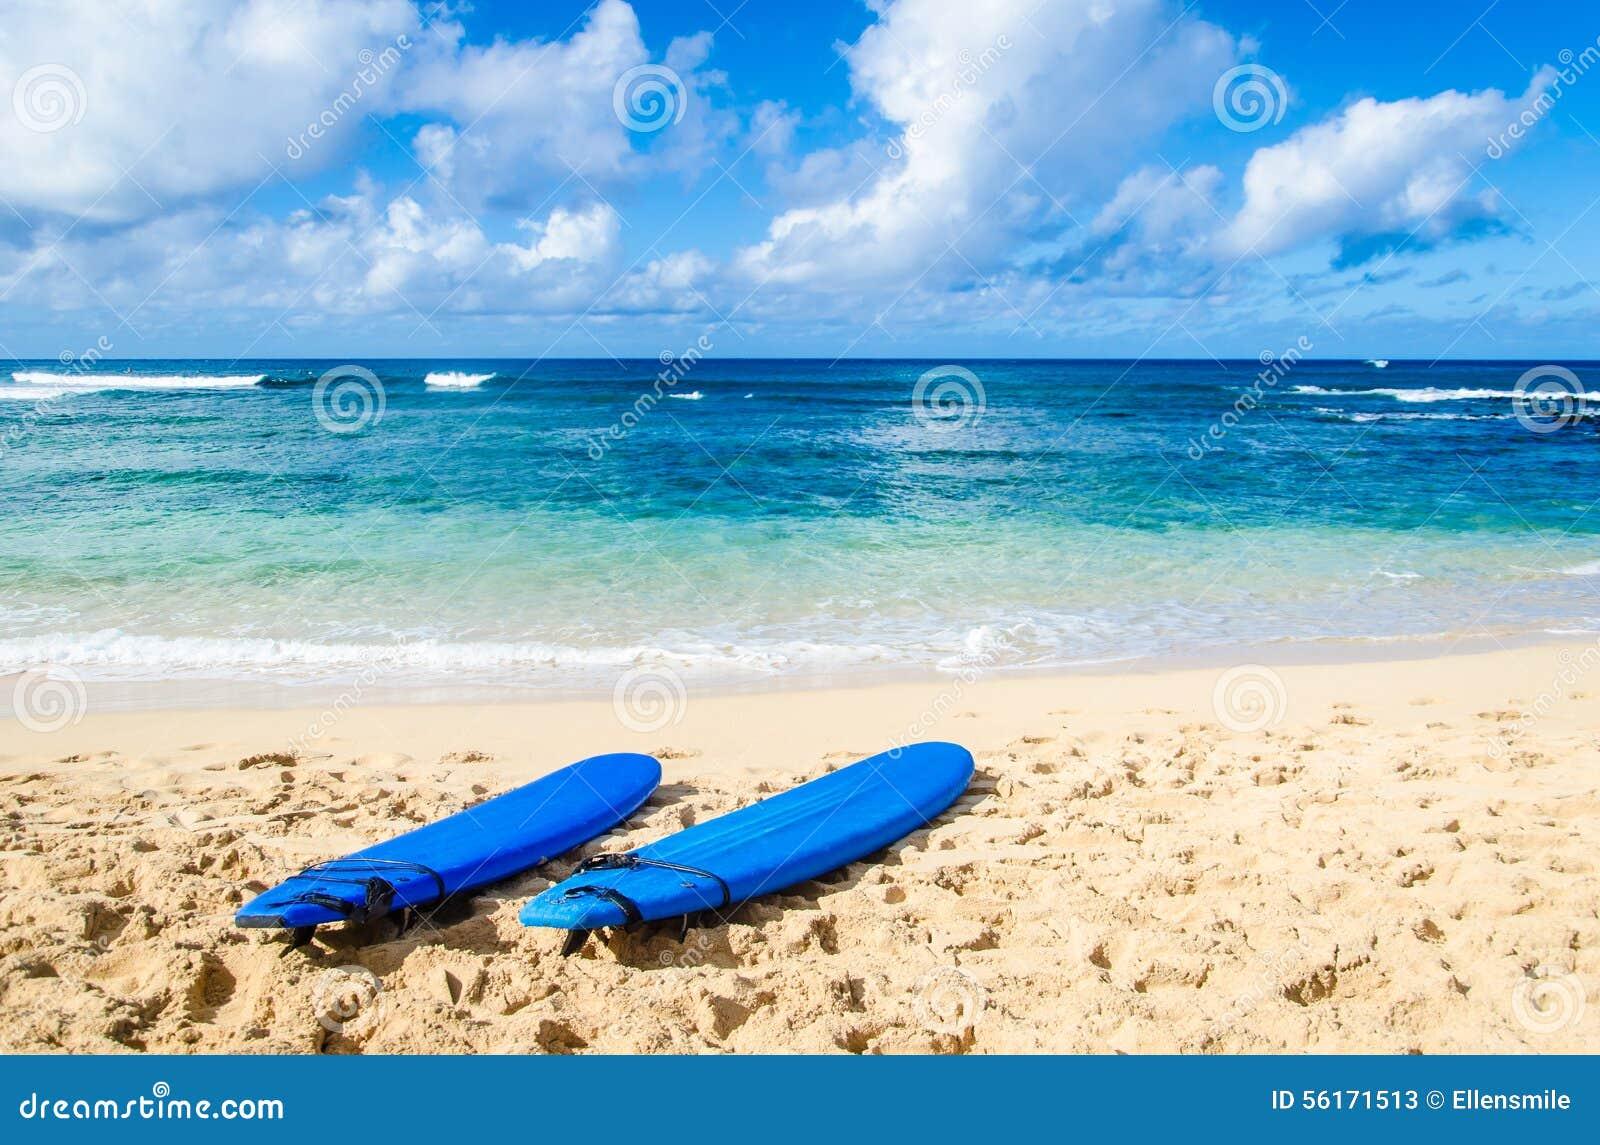 Deux planches de surf sur la plage sablonneuse en Hawaï